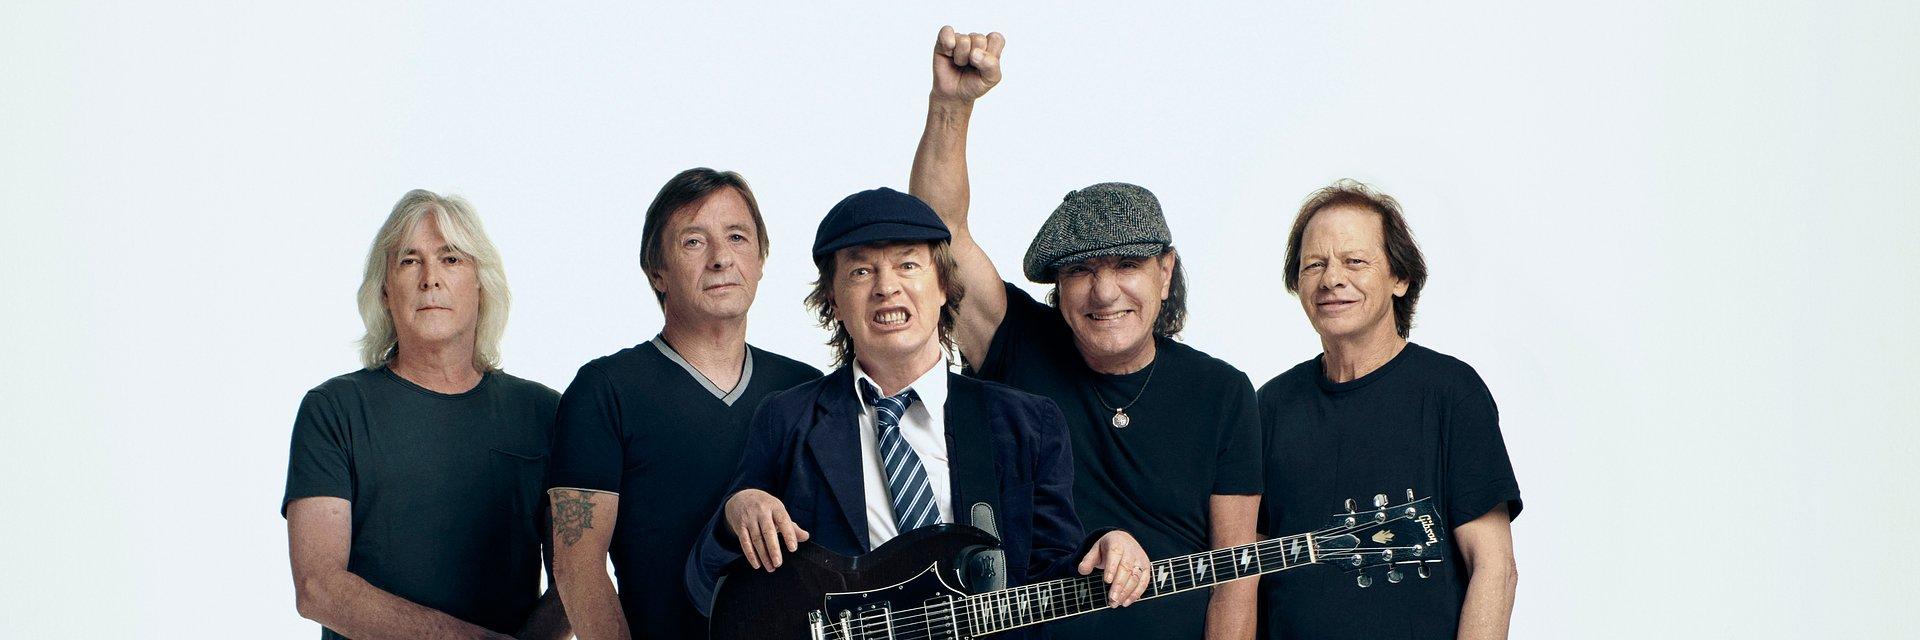 AC/DC zrealizowało kolejny klip!